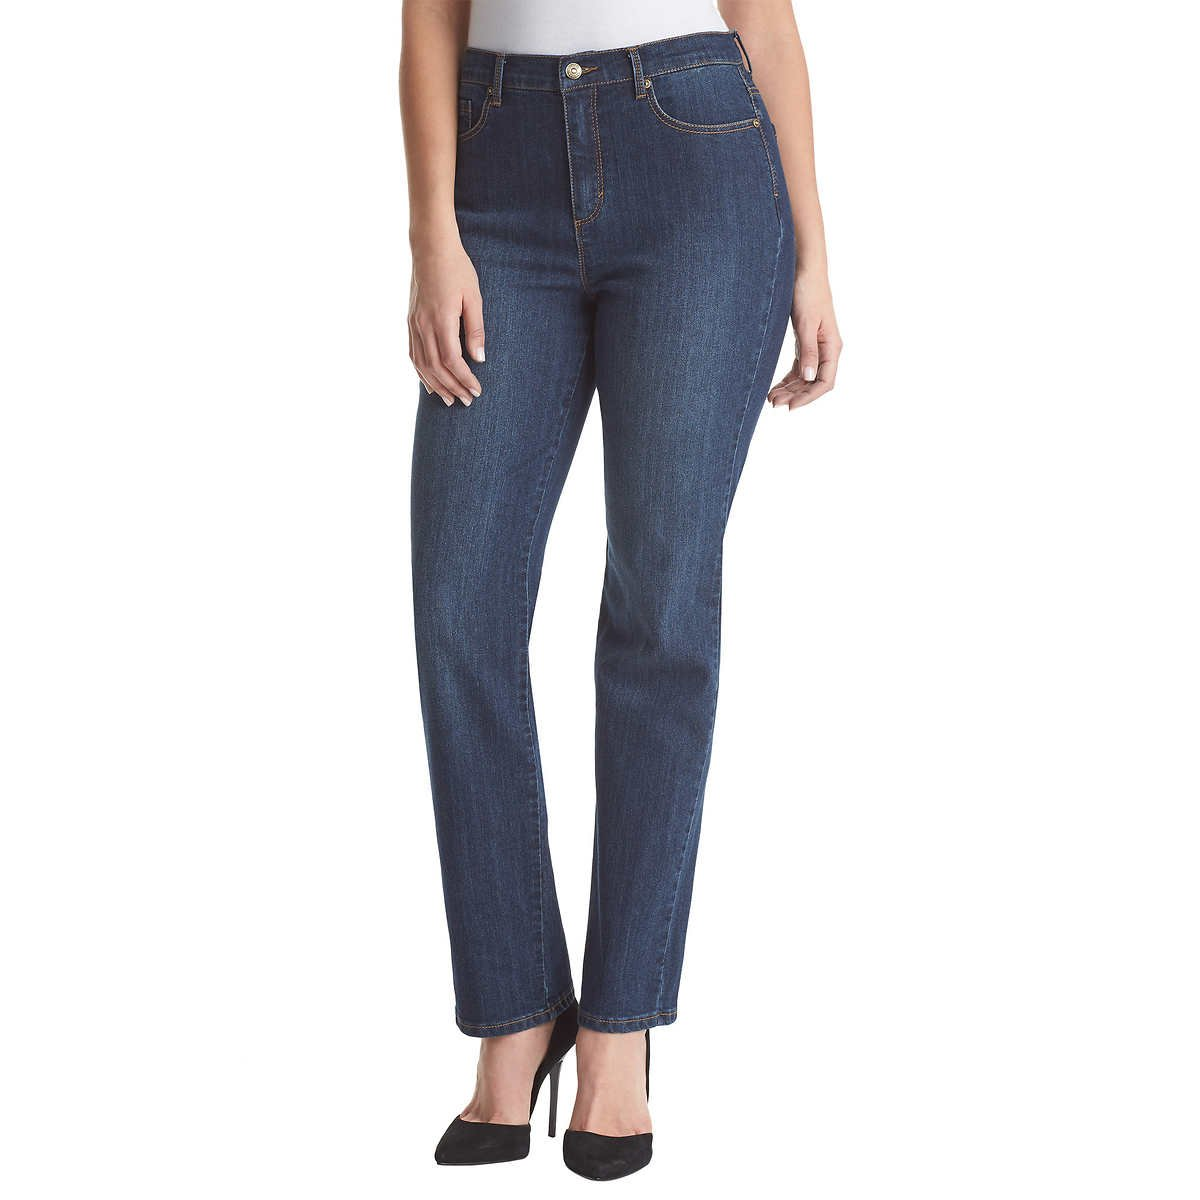 Gloria Vanderbilt Women's Amanda Tapered-Leg Jean, Scottsdale Wash, 14 Short